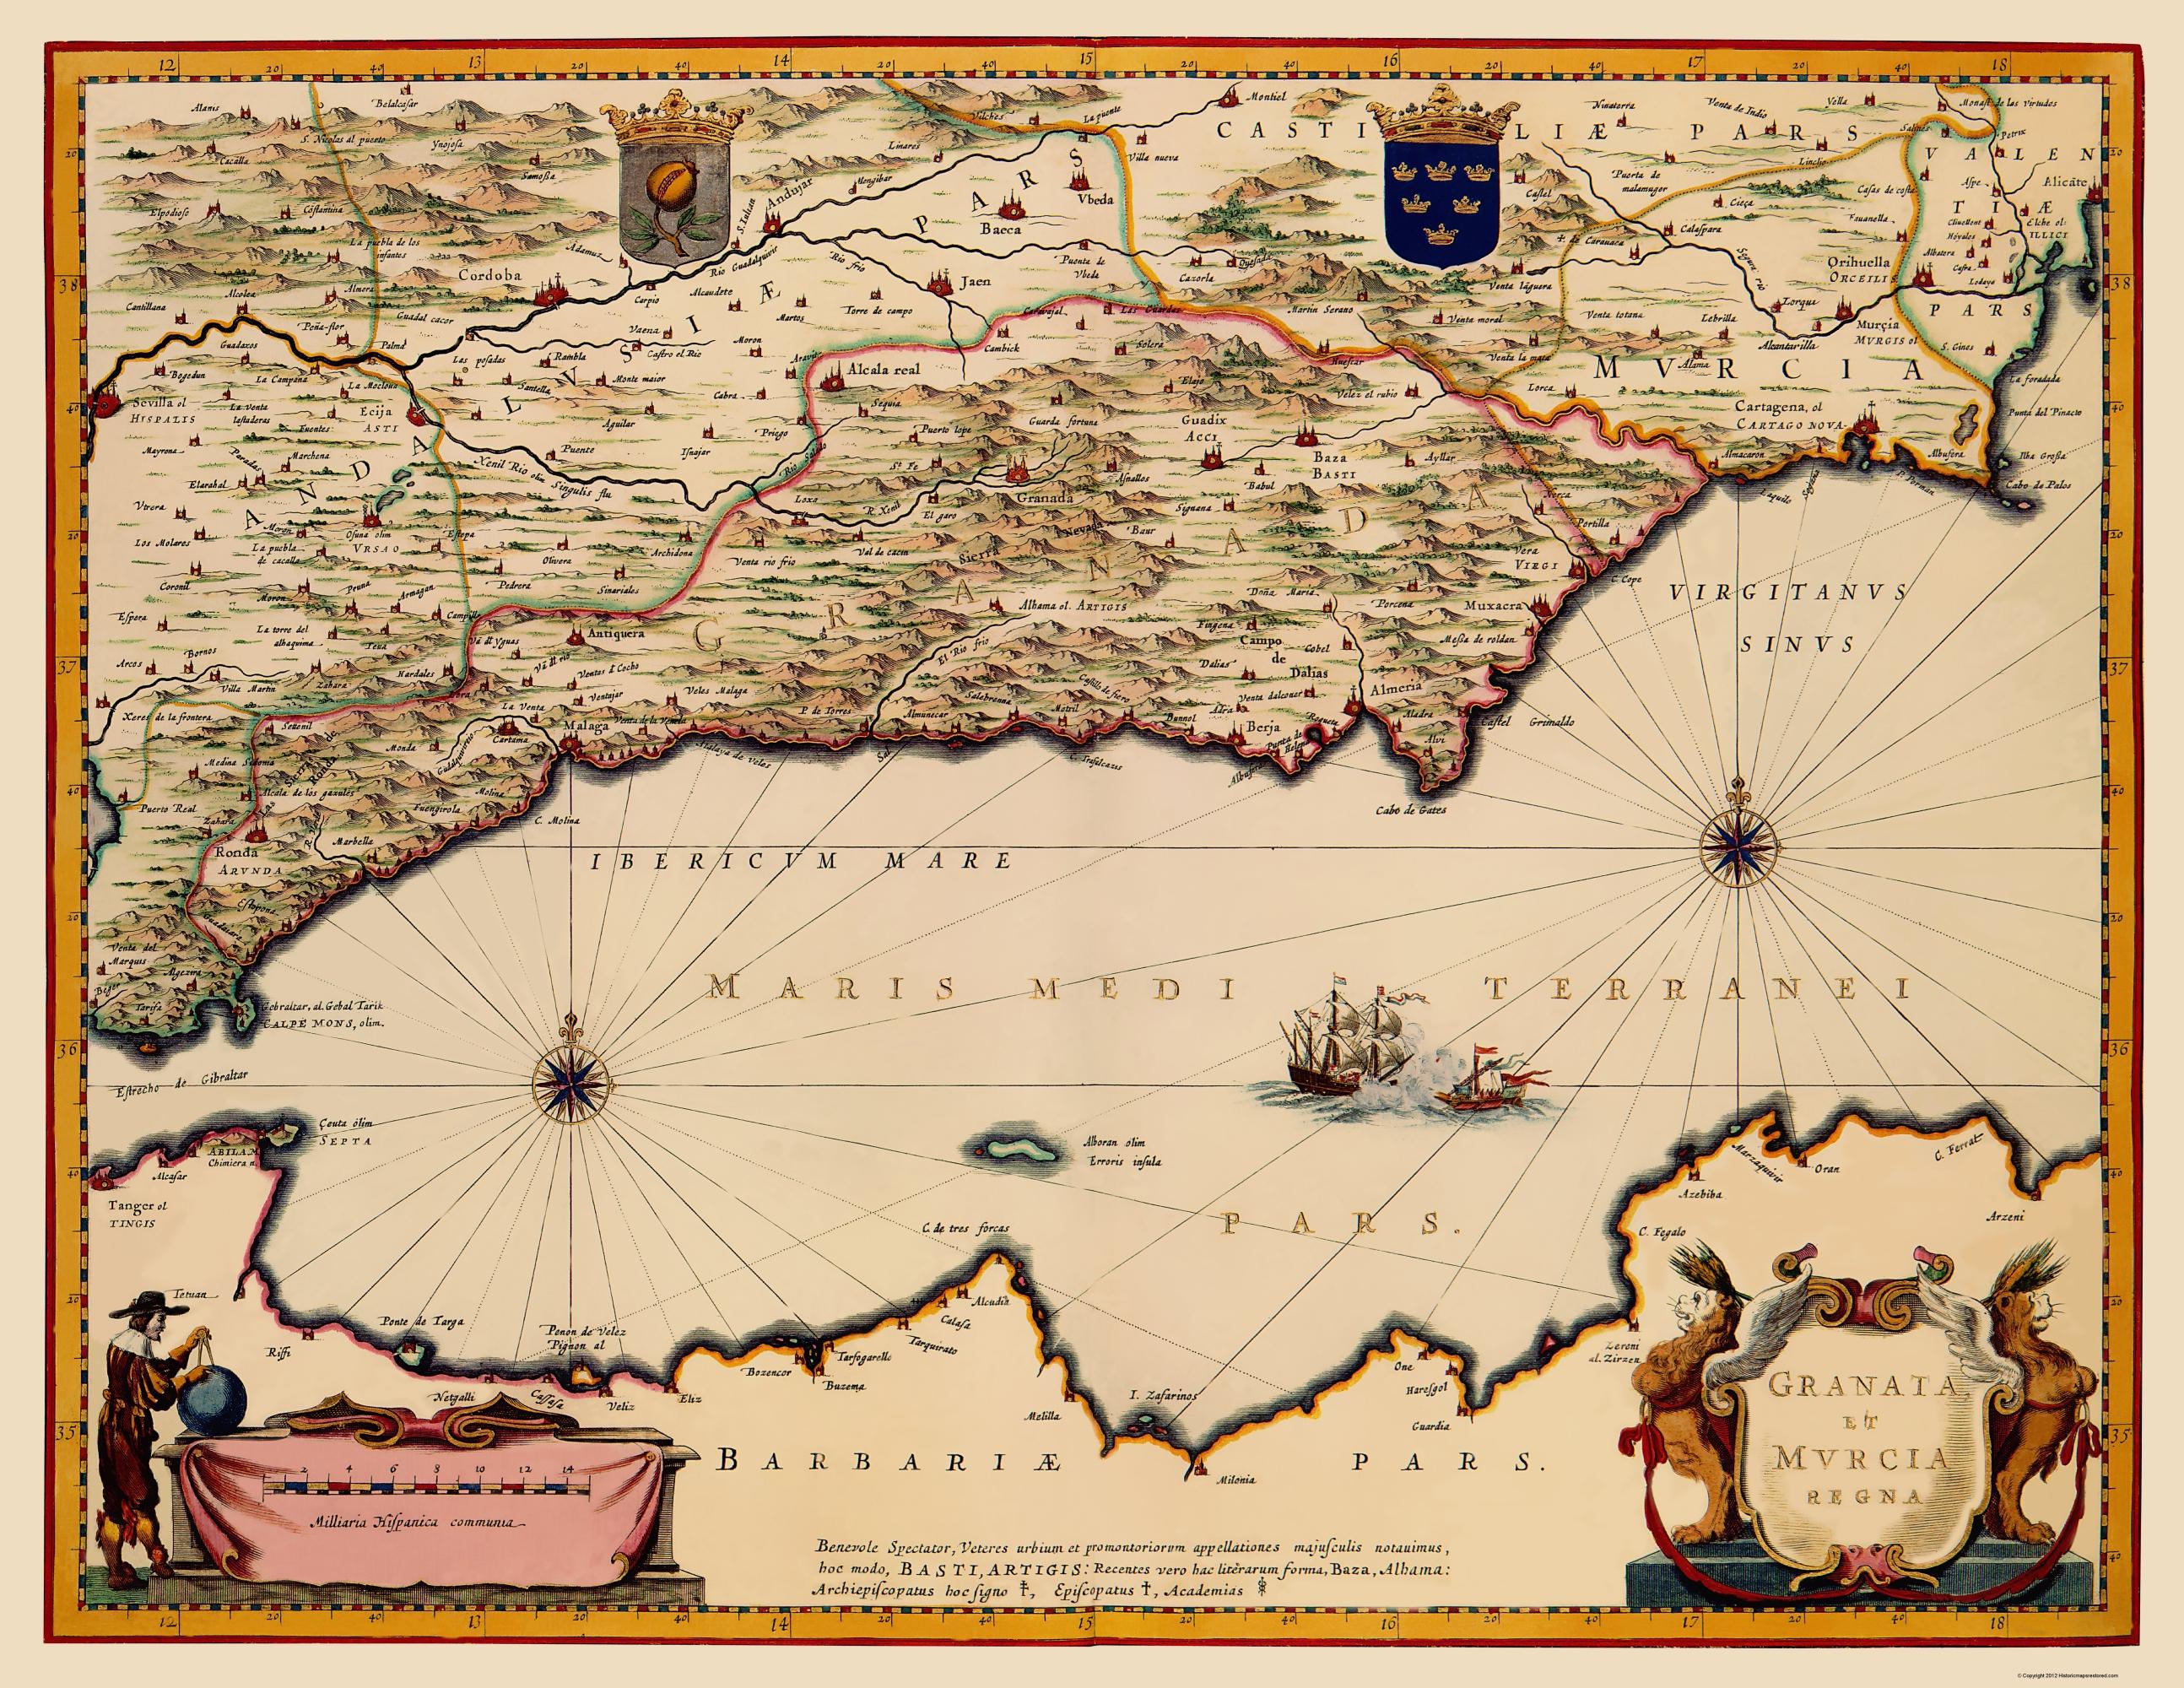 Old Iberian Peninsula Map Granada Murcia Spain 1635